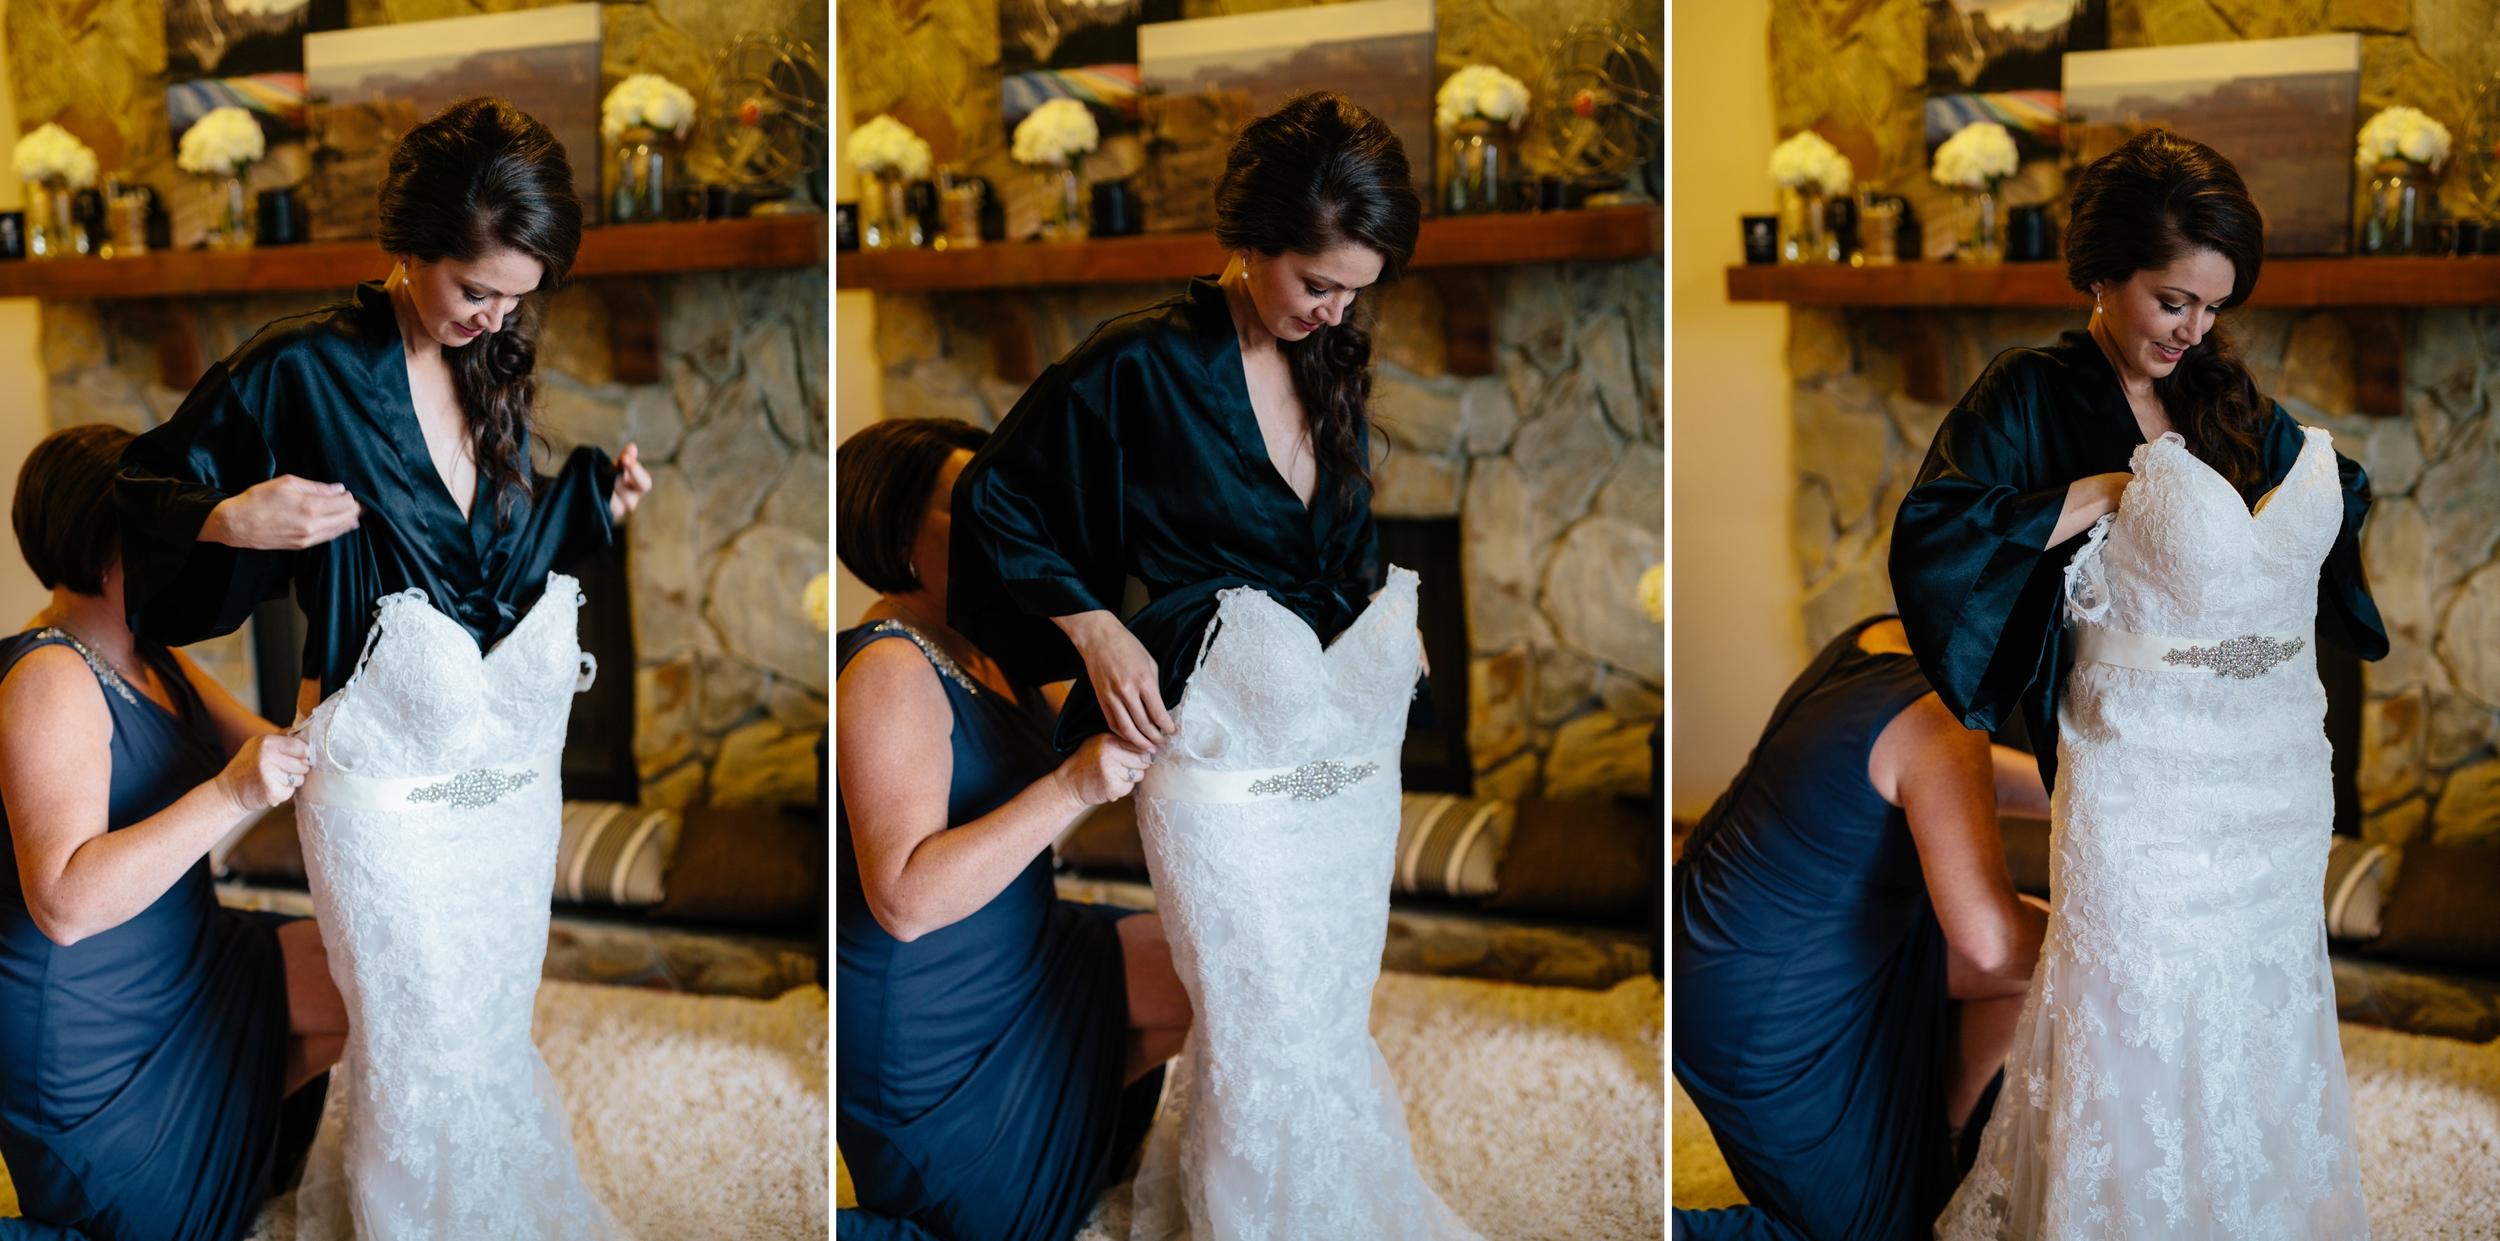 Mike and Gen Derban - Wedding 14.jpg